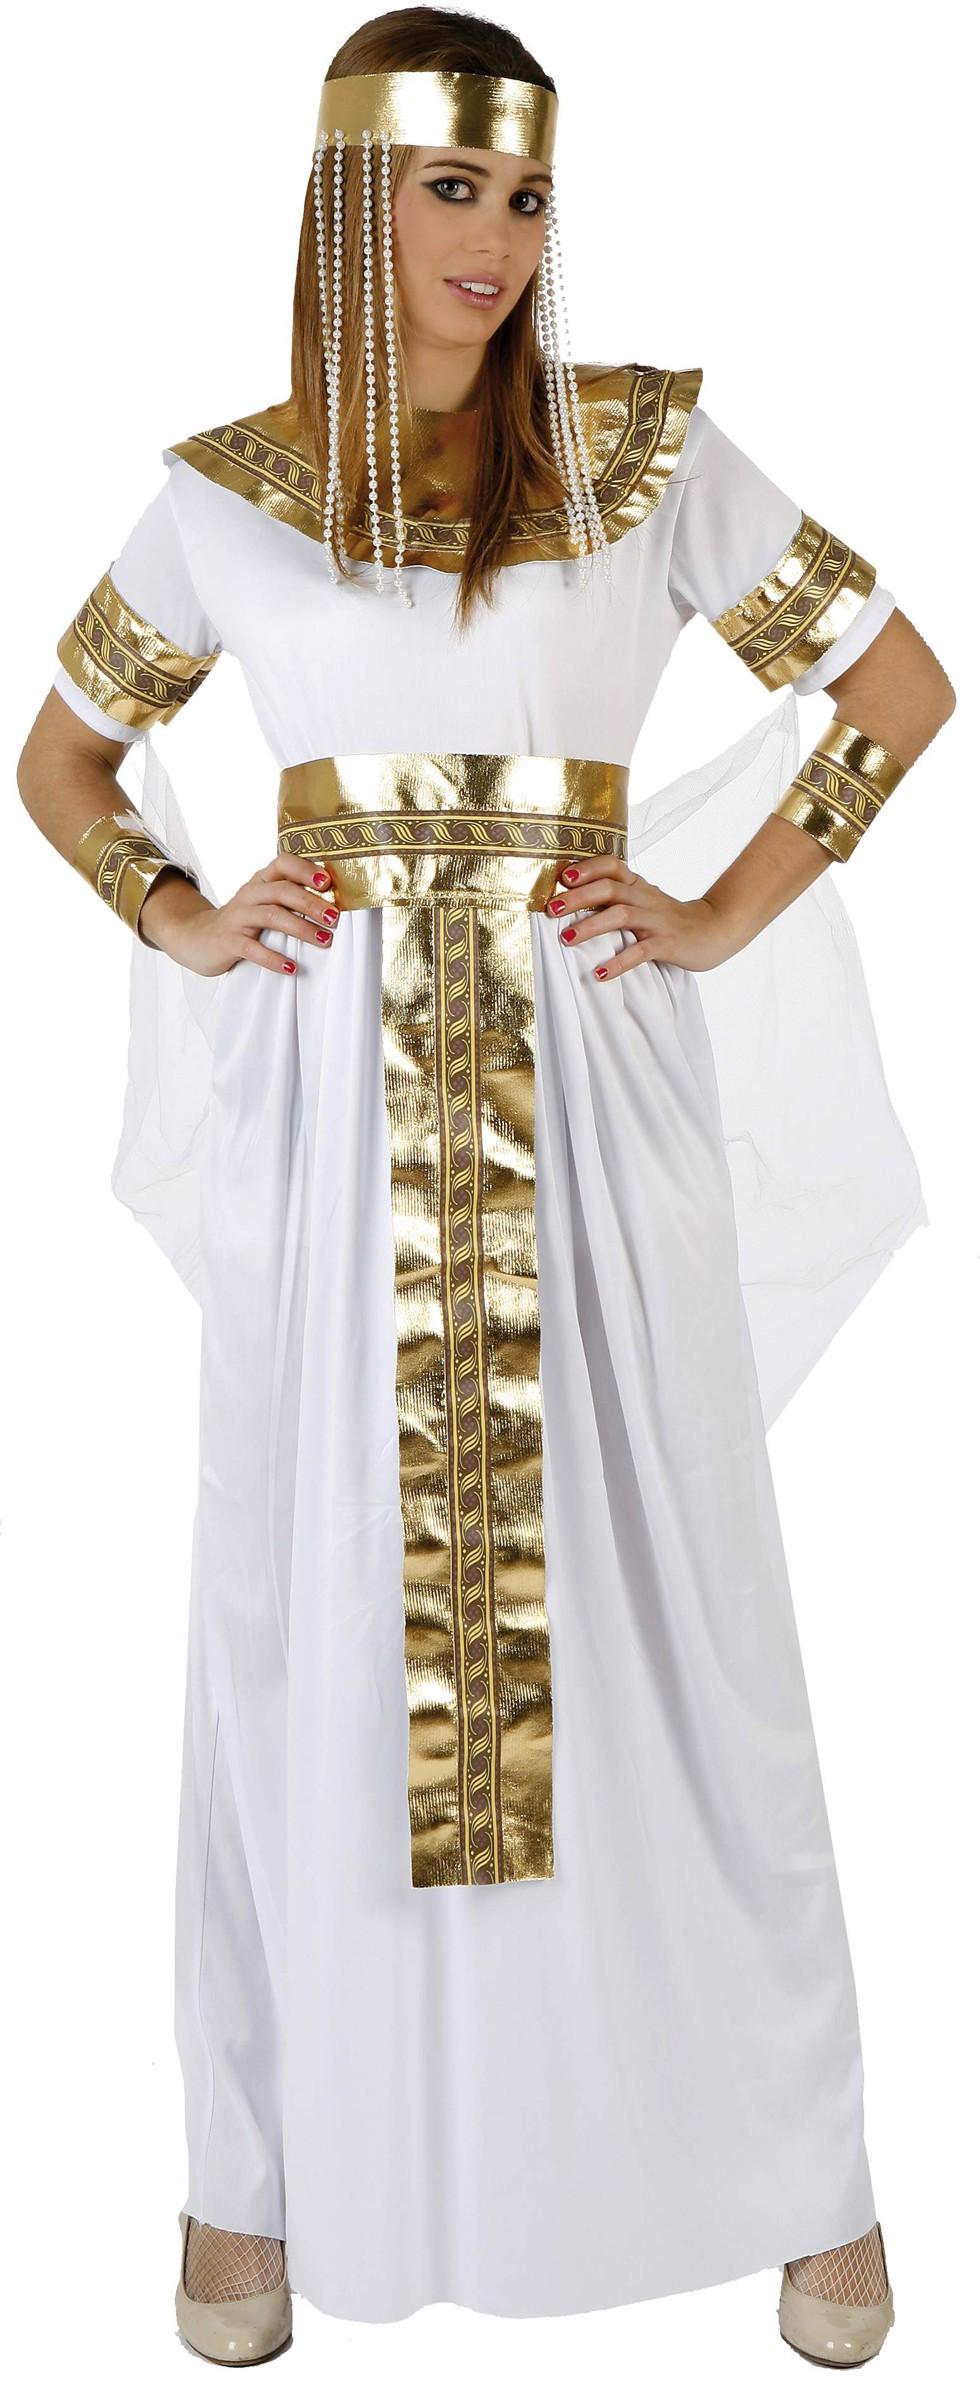 Déguisements pas chers par pays - Costume Egypte, Mexique, Rome ... b97ebaea0011